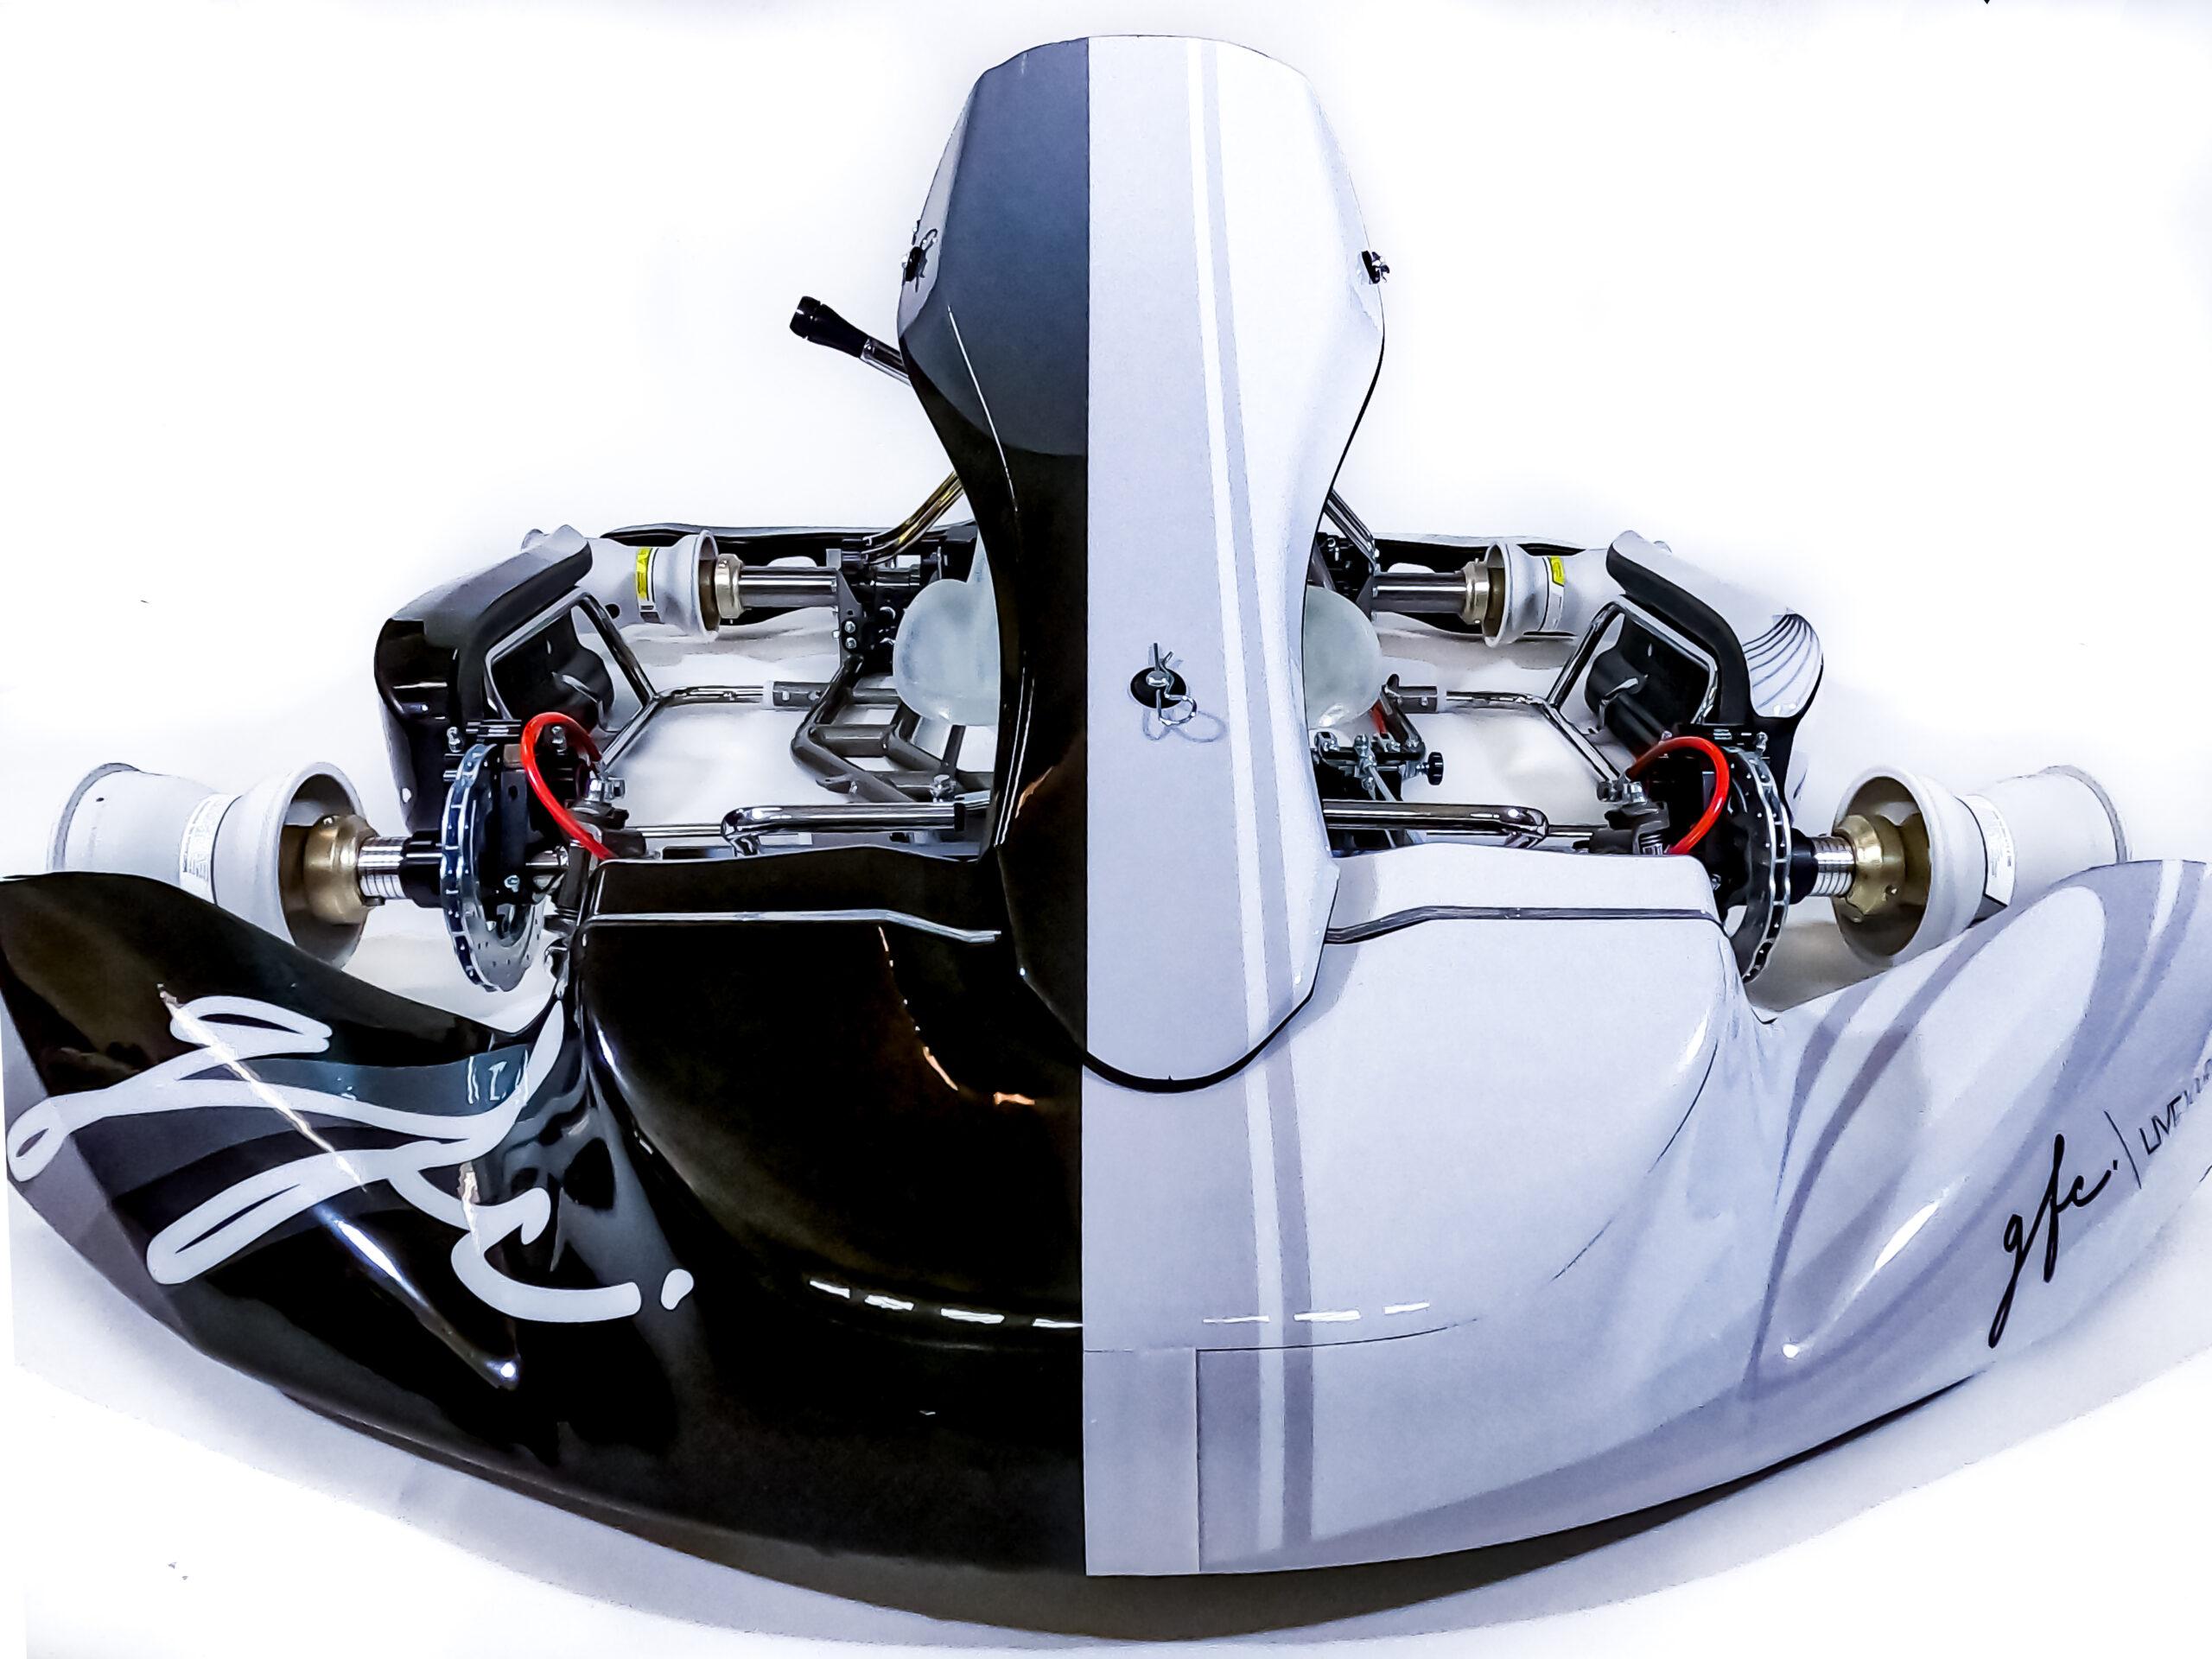 GT14 (Shifter)